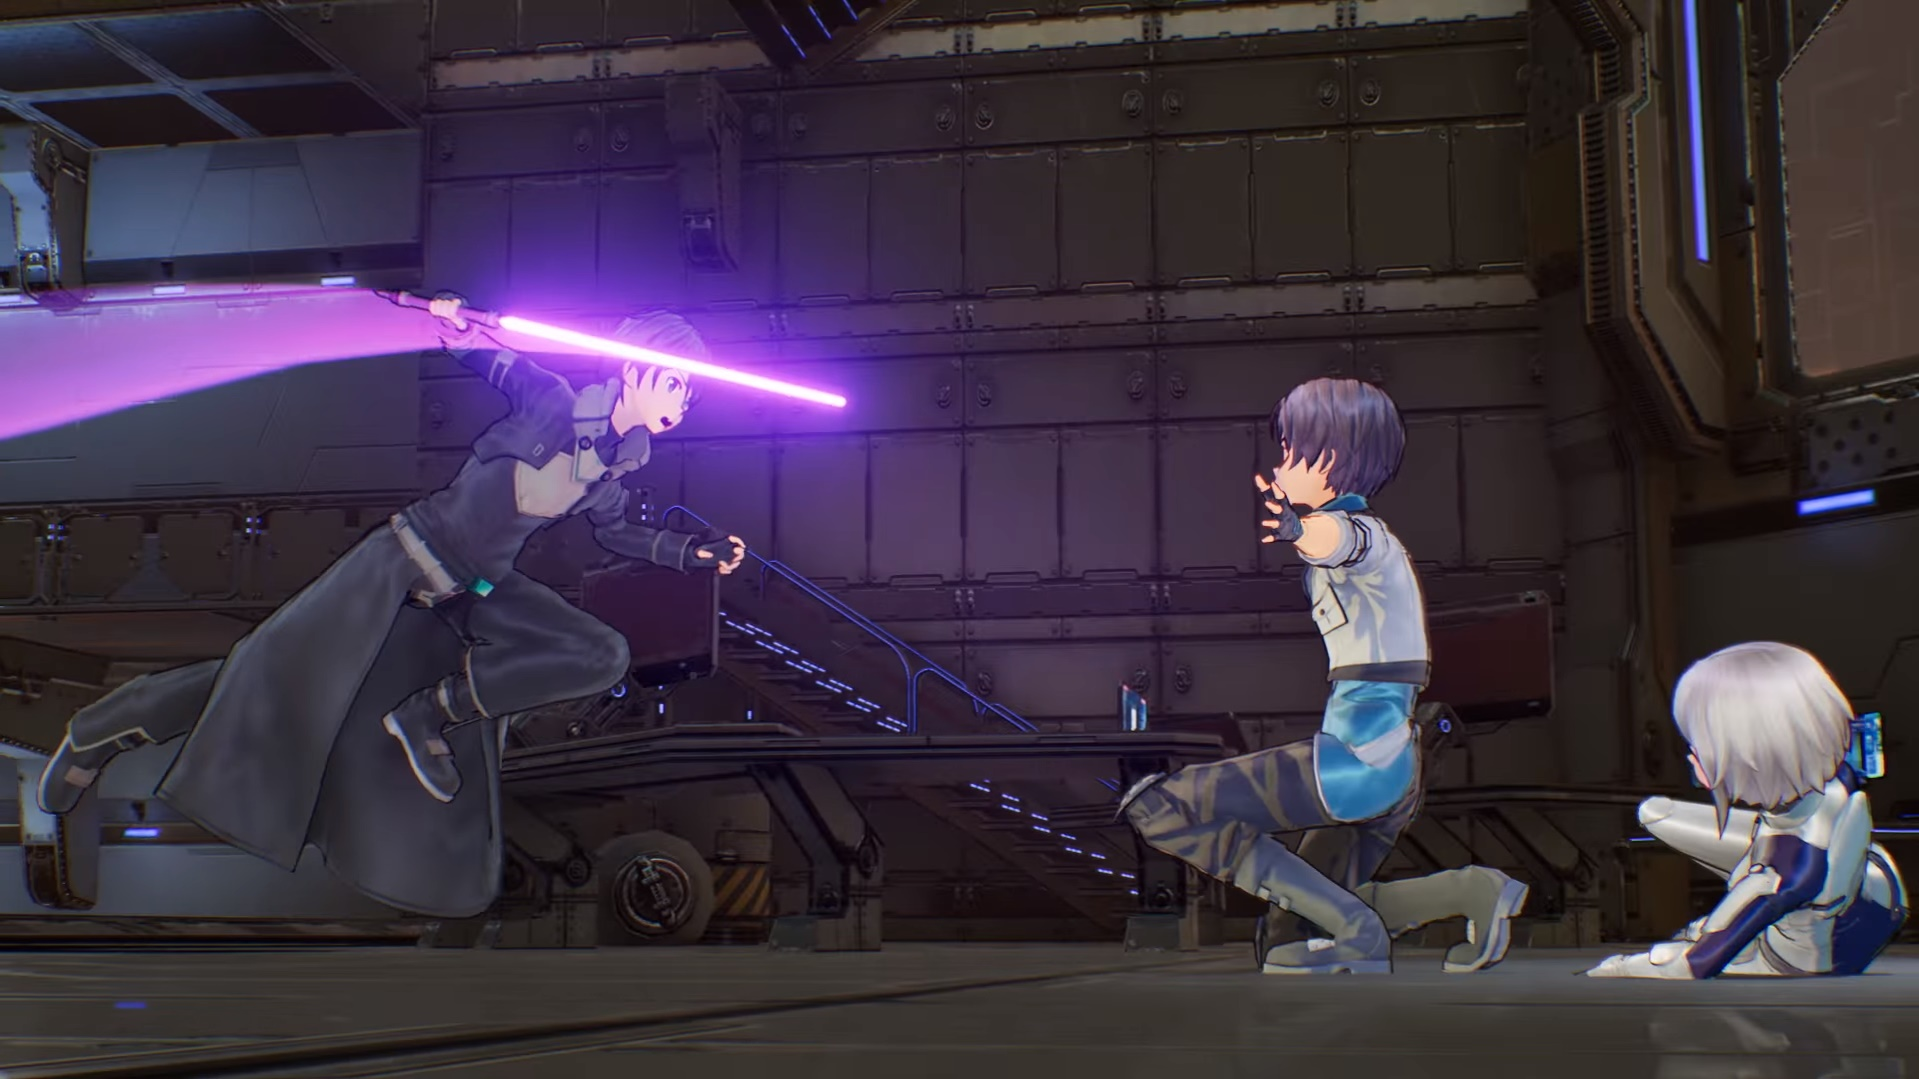 Sword Art Online: Fatal Bullet, due on Steam February 8, looks ...